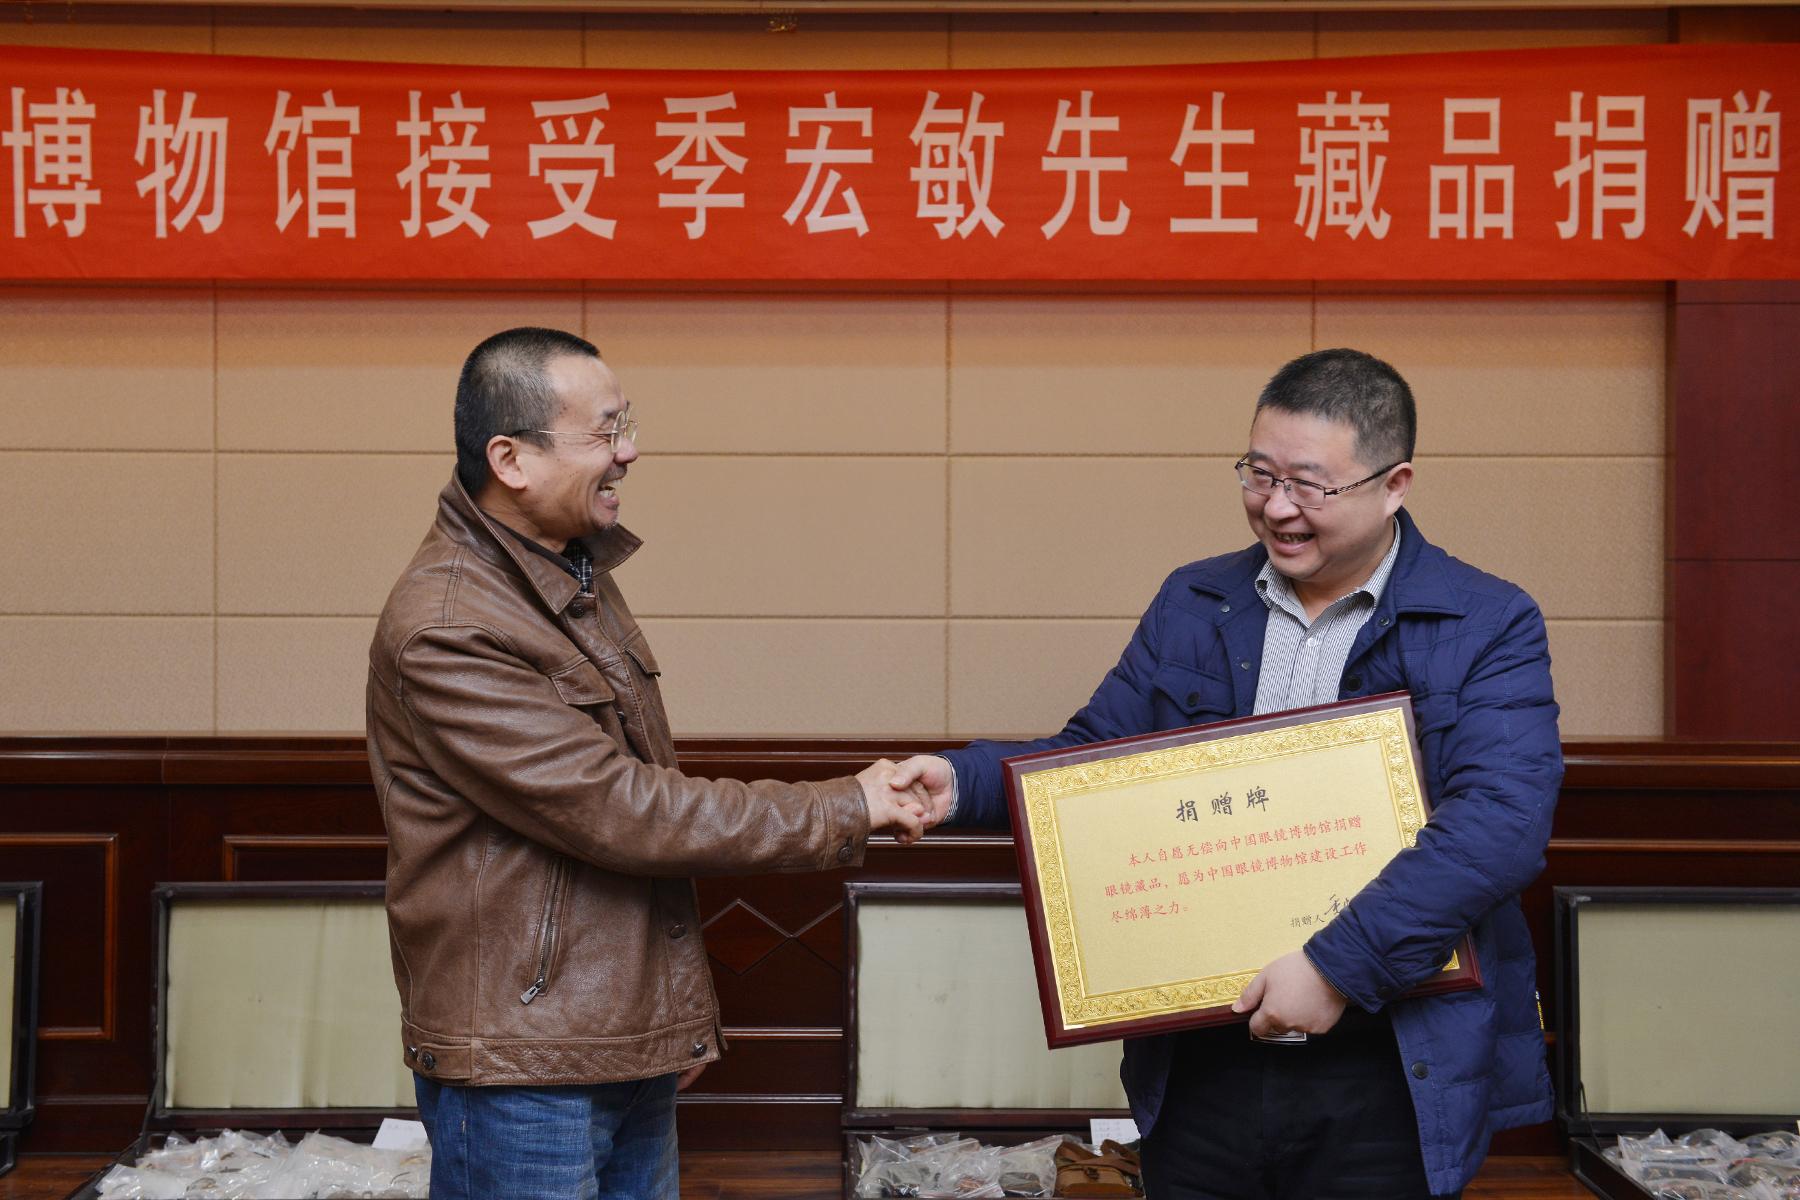 贝博体育正规吗籍画家季宏敏向中国眼镜博物馆捐赠藏品